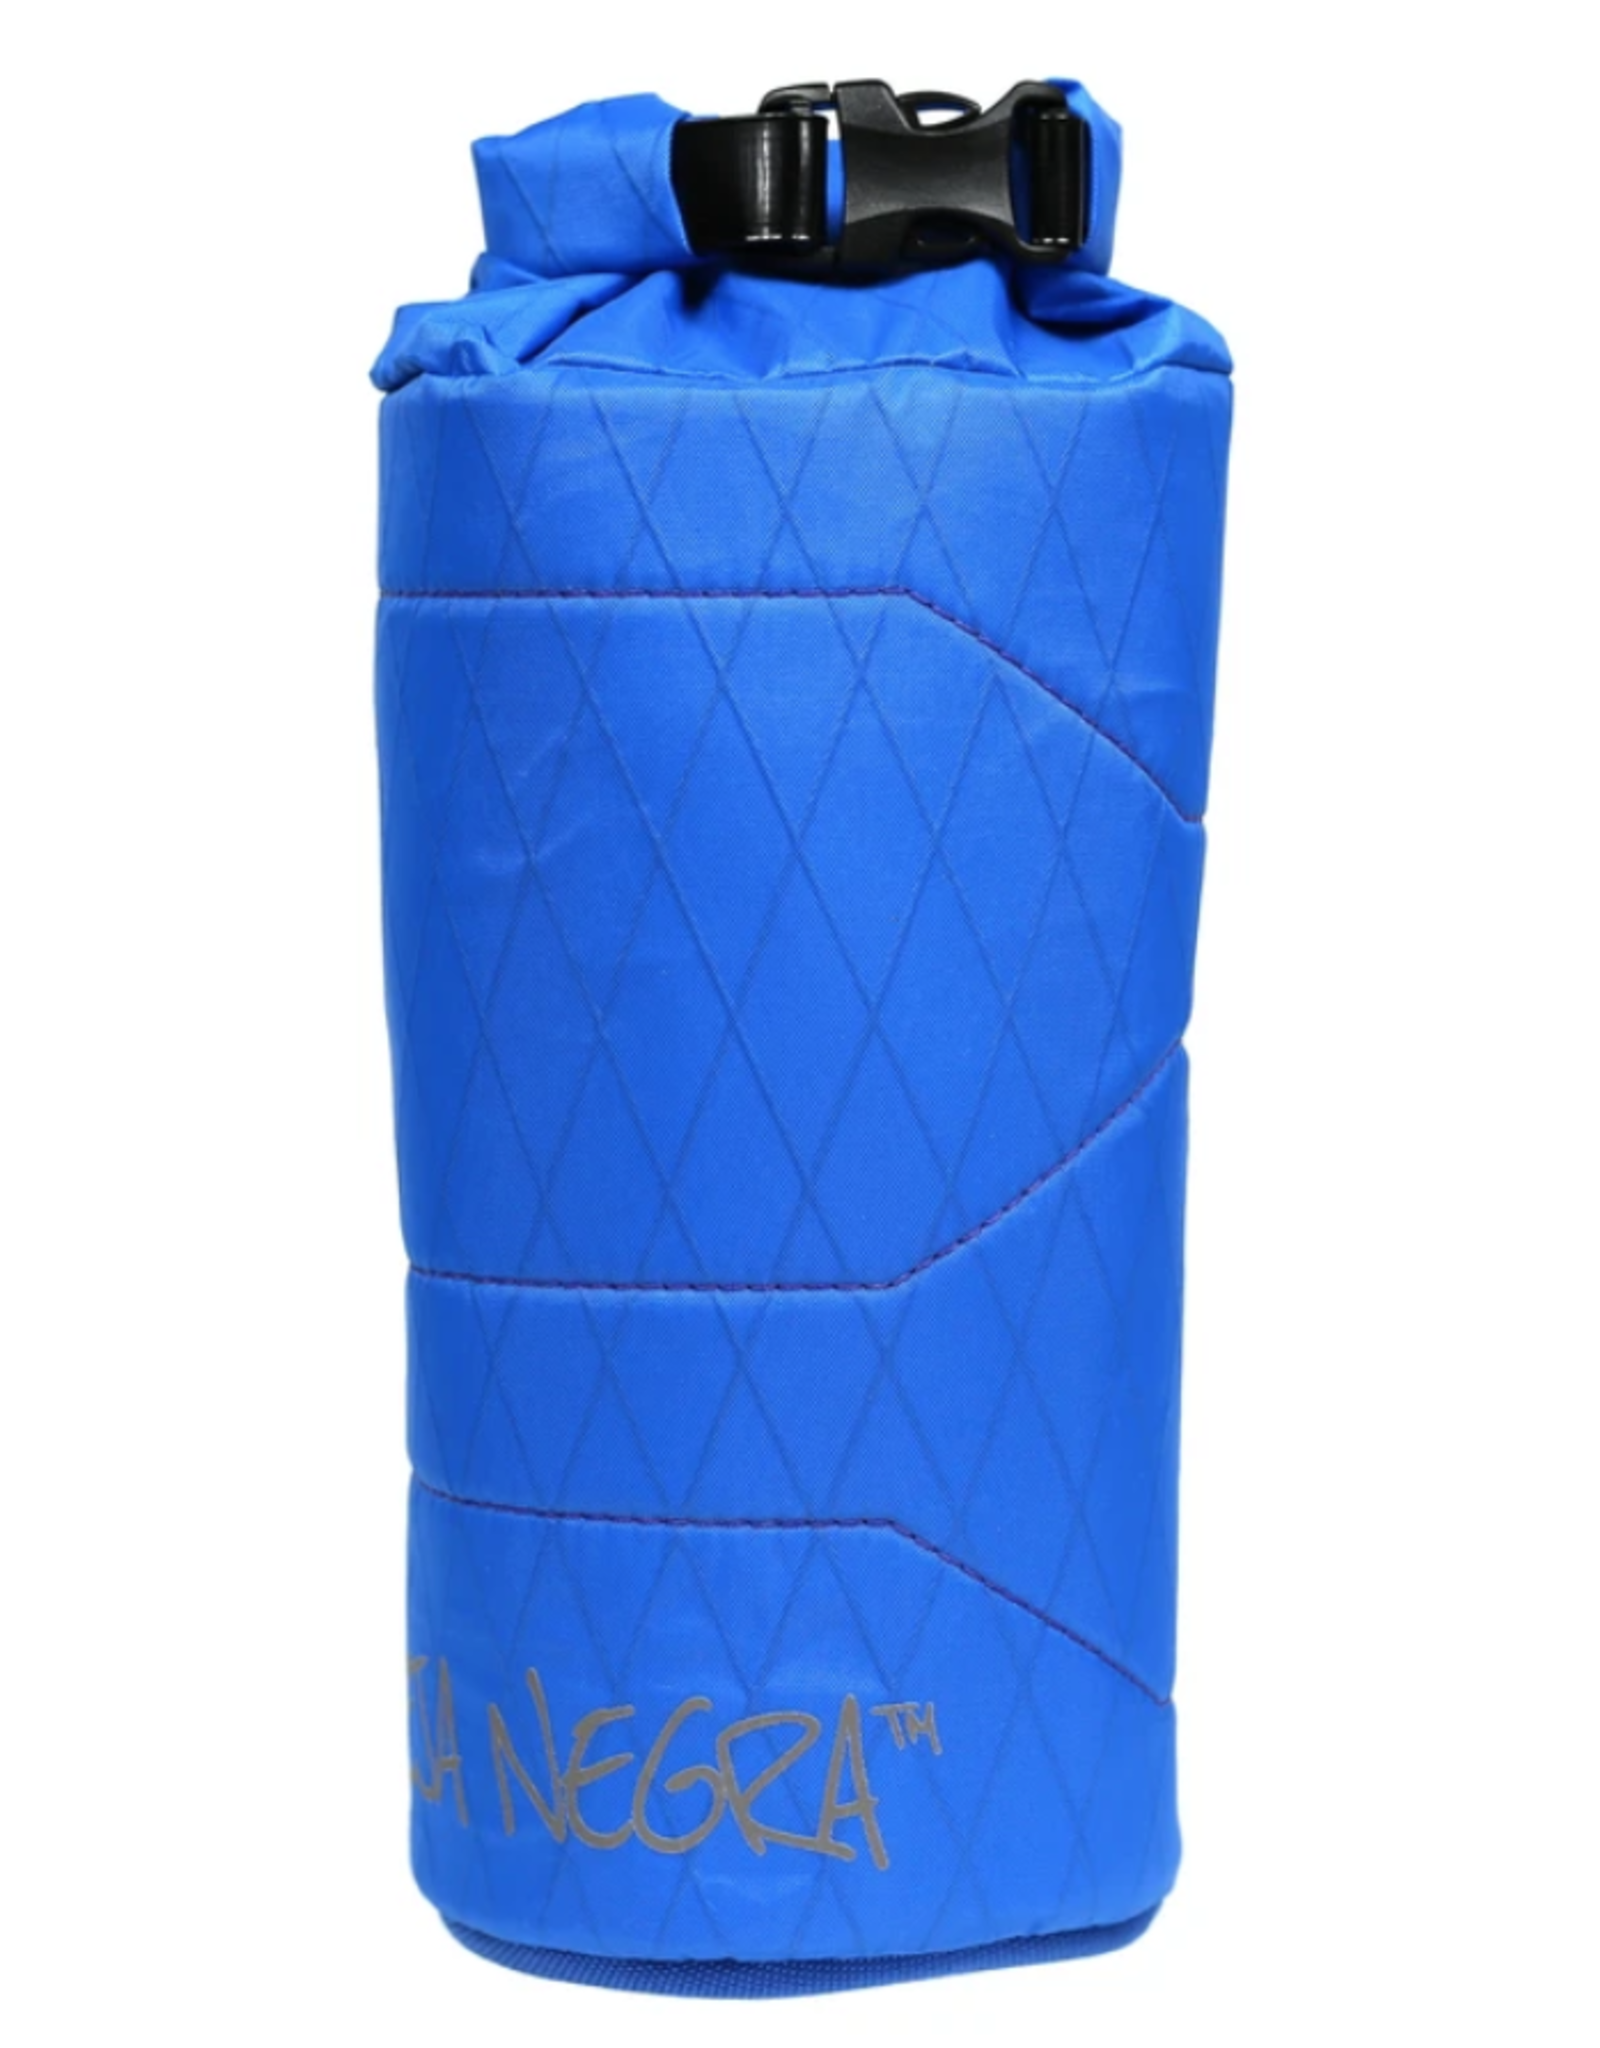 Oveja Negra Oveja Negra Bootlegger Fork Bag: Blue